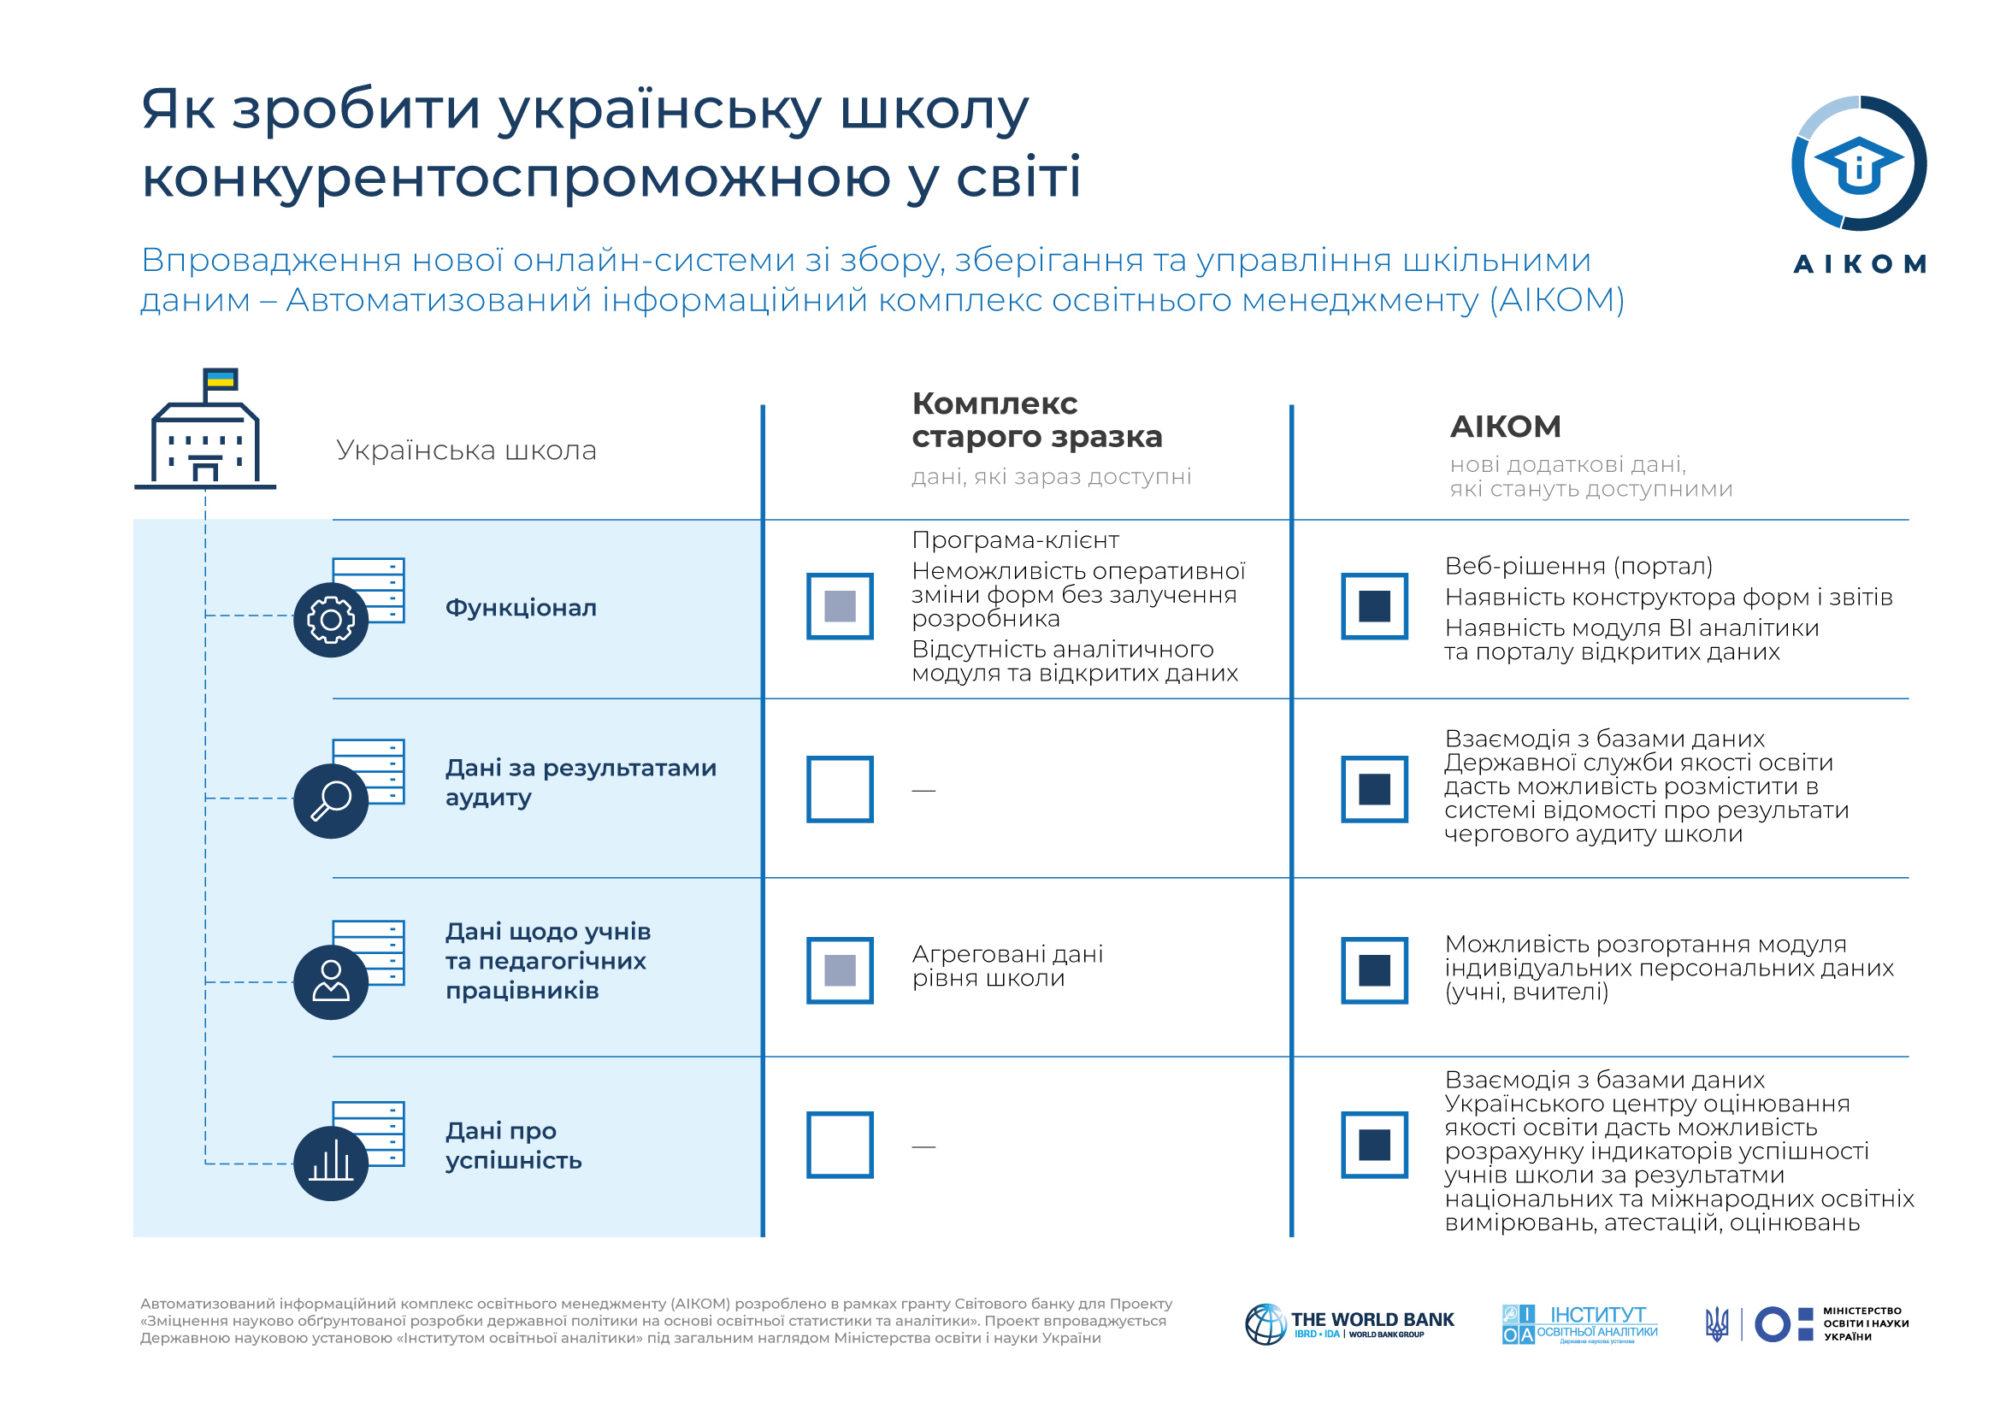 Освітні інформаційні технології  як інструмент підвищення конкурентоспроможності української школи -  - Infografika 1 2000x1414